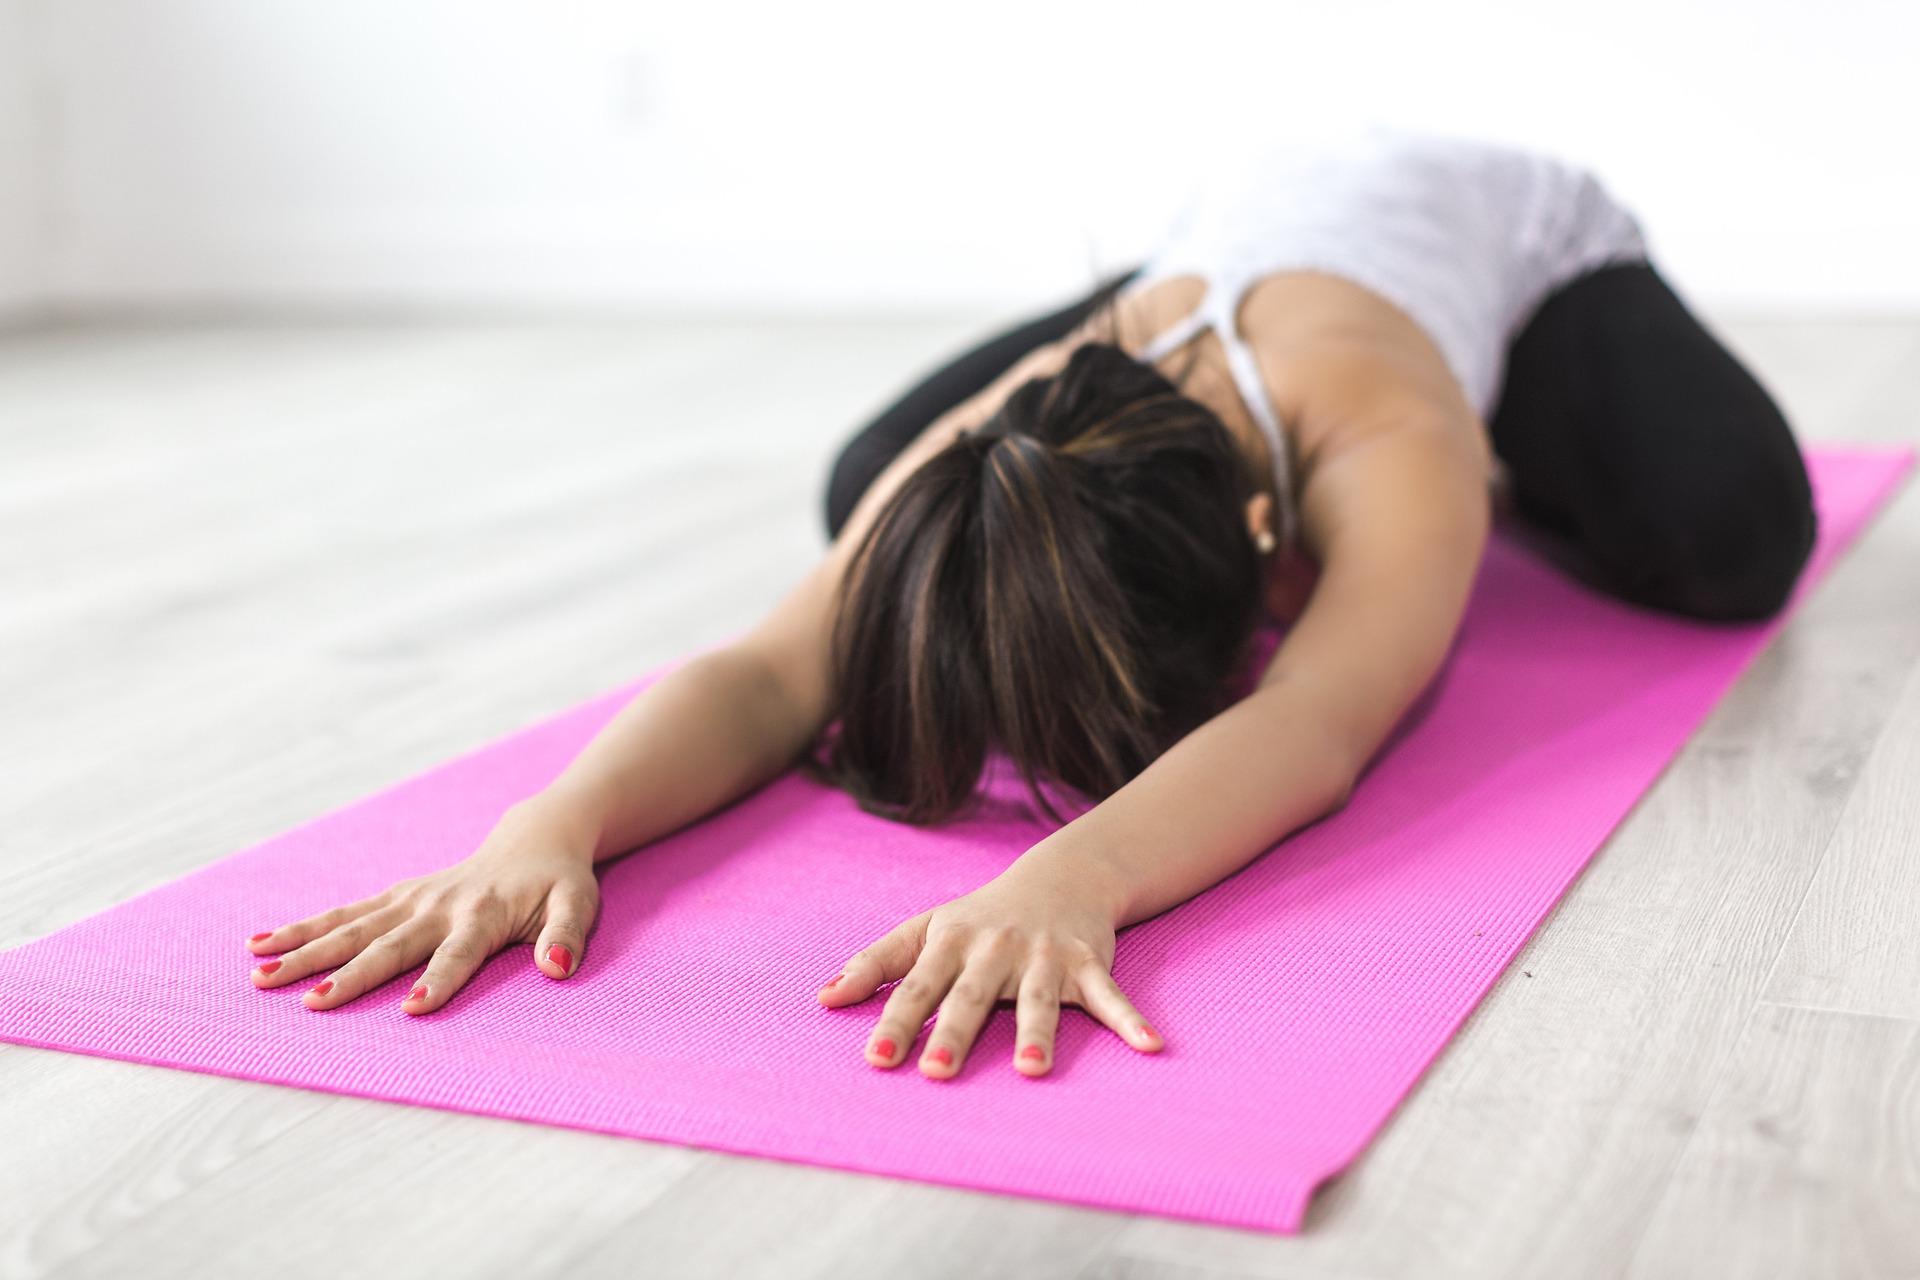 Fysisk træning øger ens selvværd